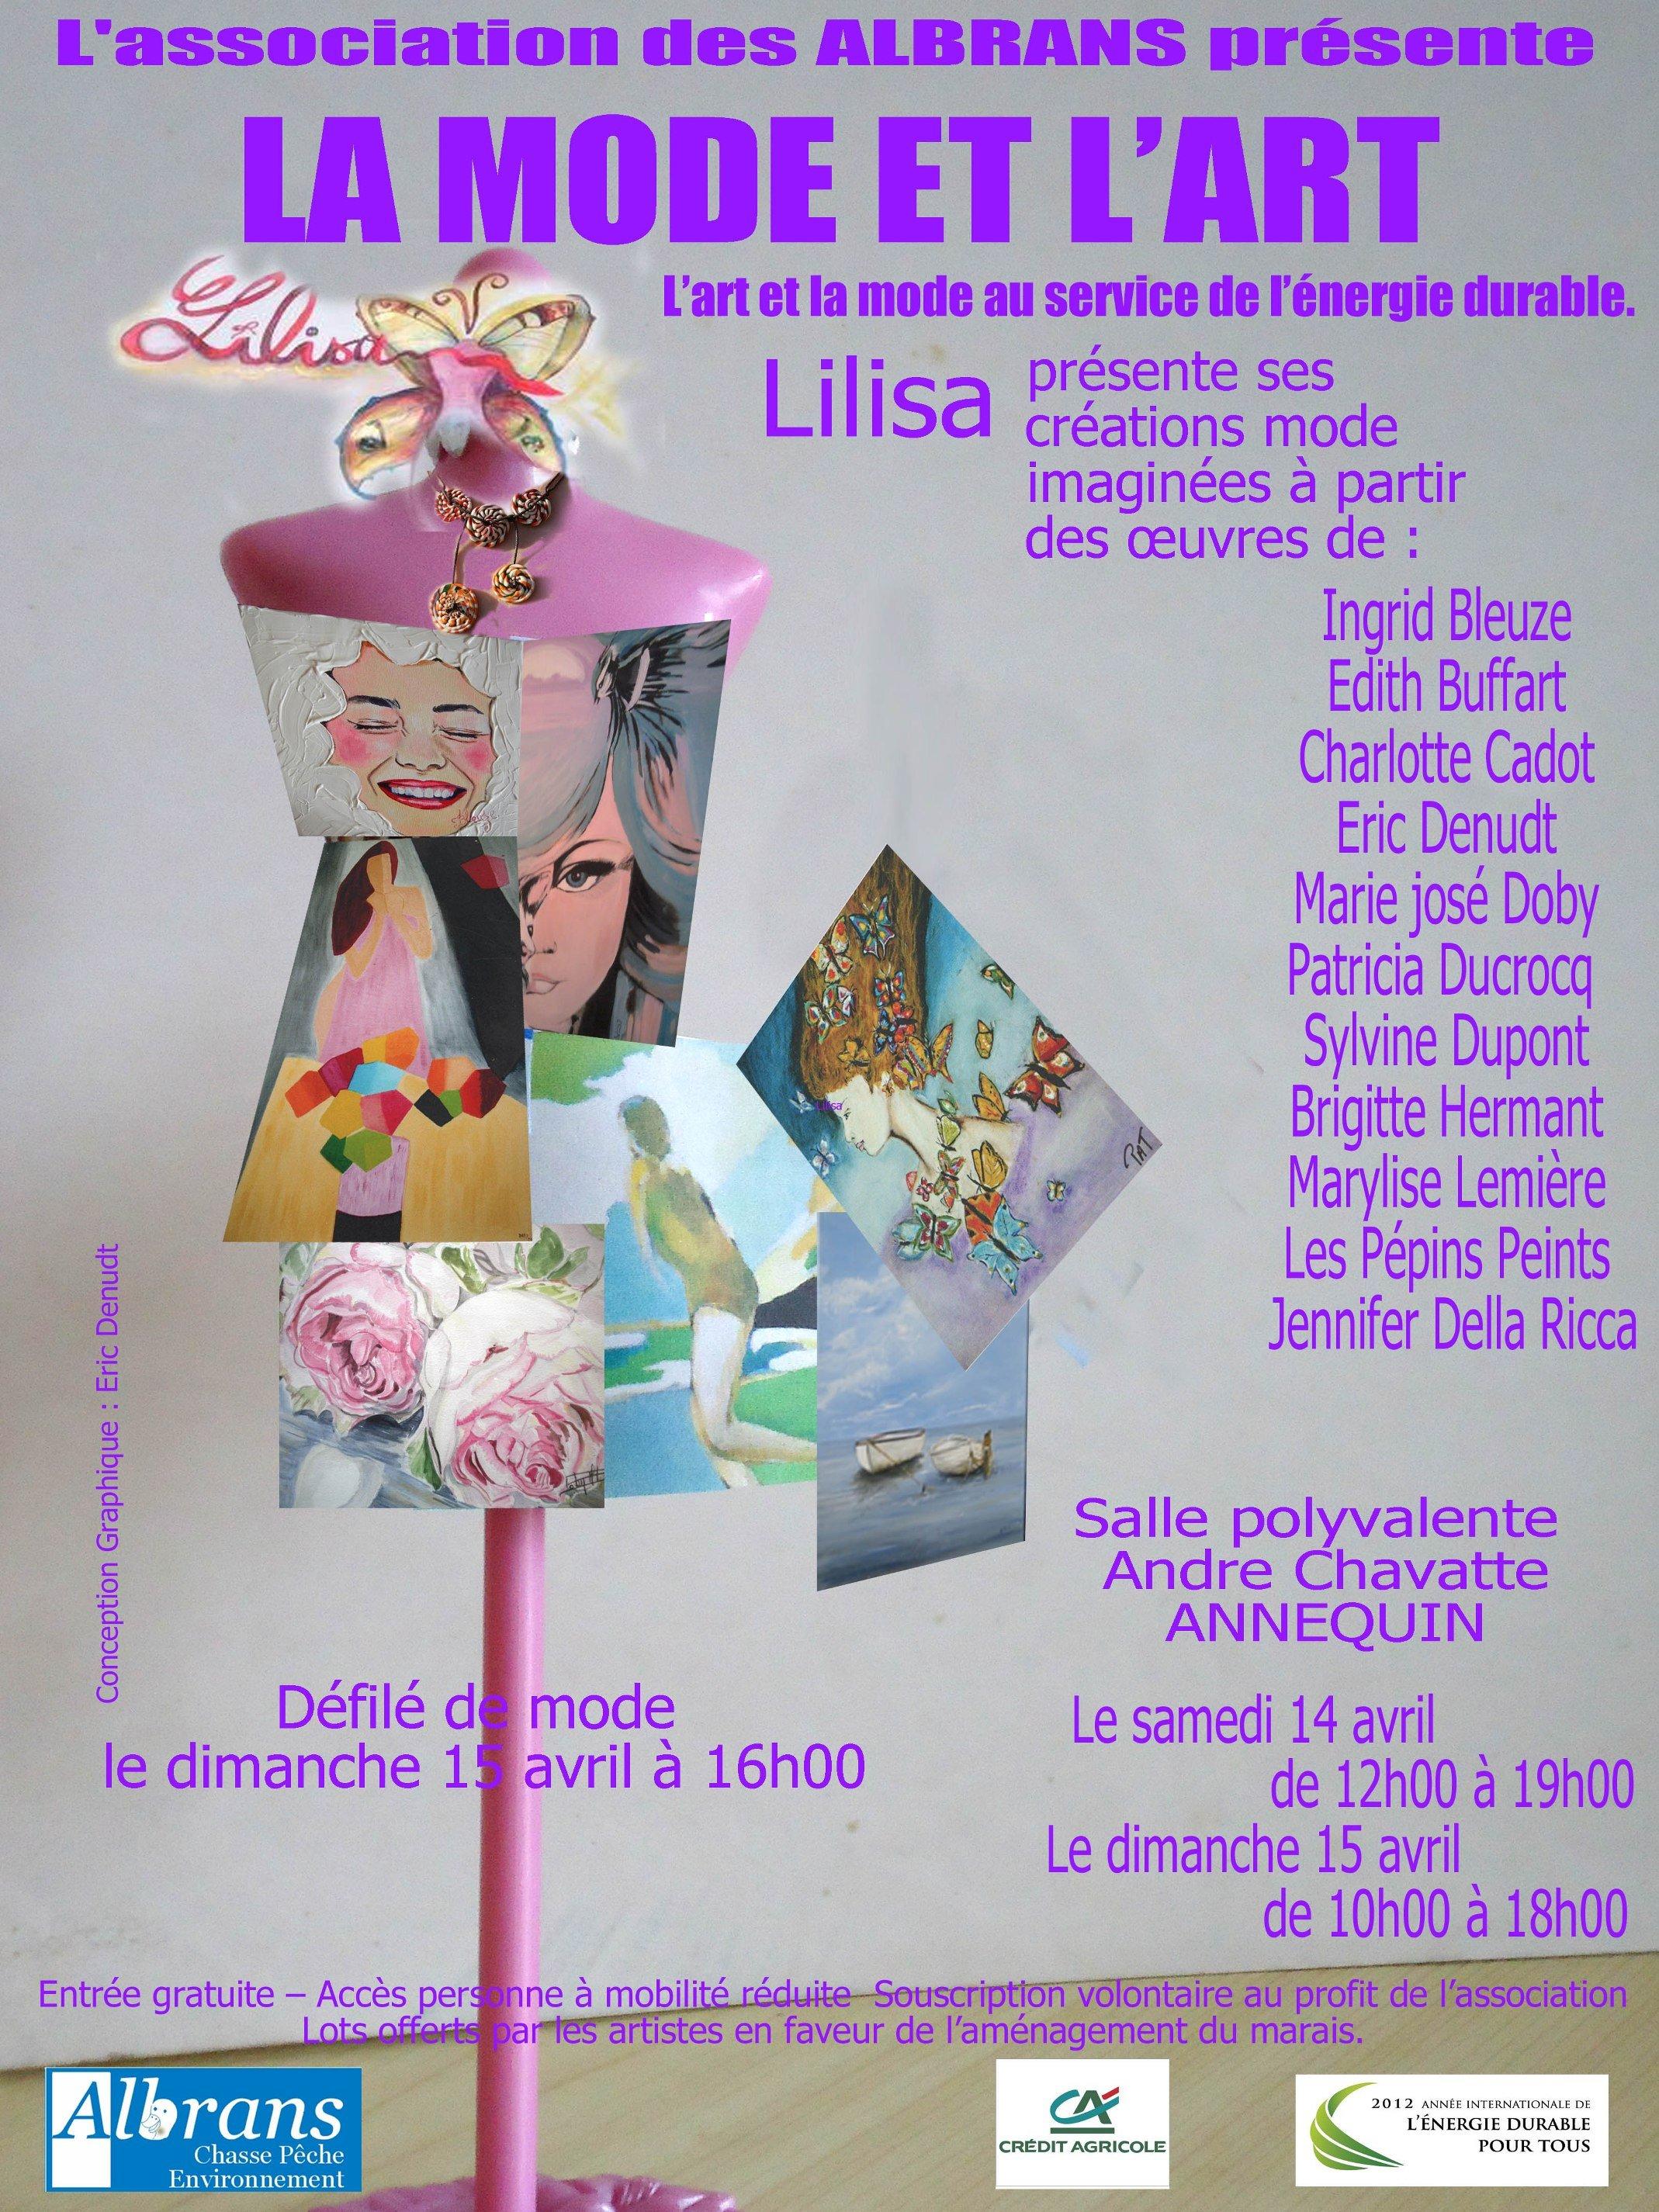 Avril – Mai 2012 la saison des affiches dans Associations affiche-mode-et-art